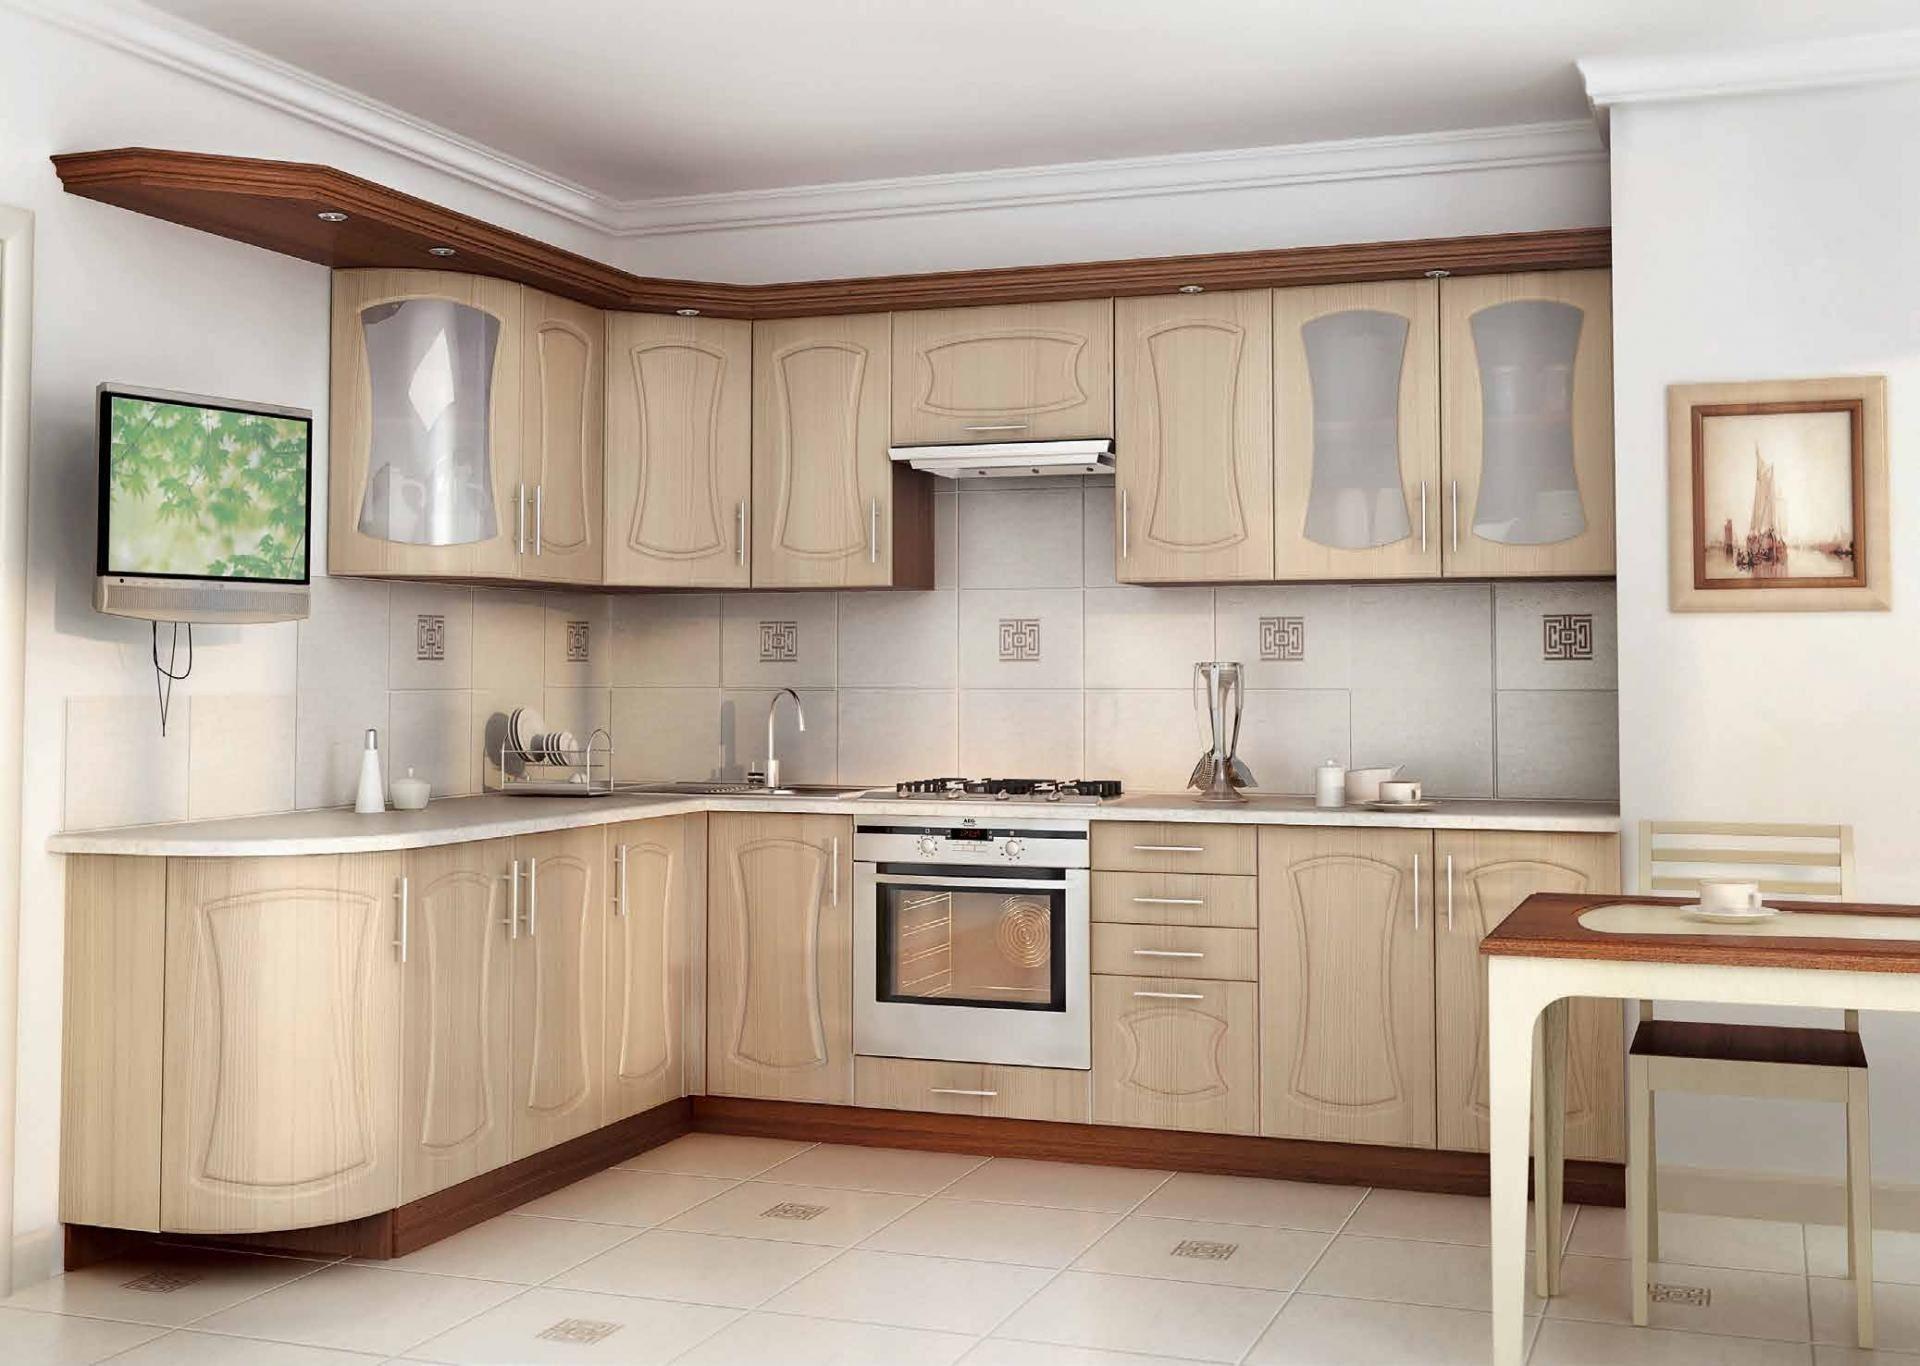 Угловая заказная кухня мдф фрезеровка - вариант -17